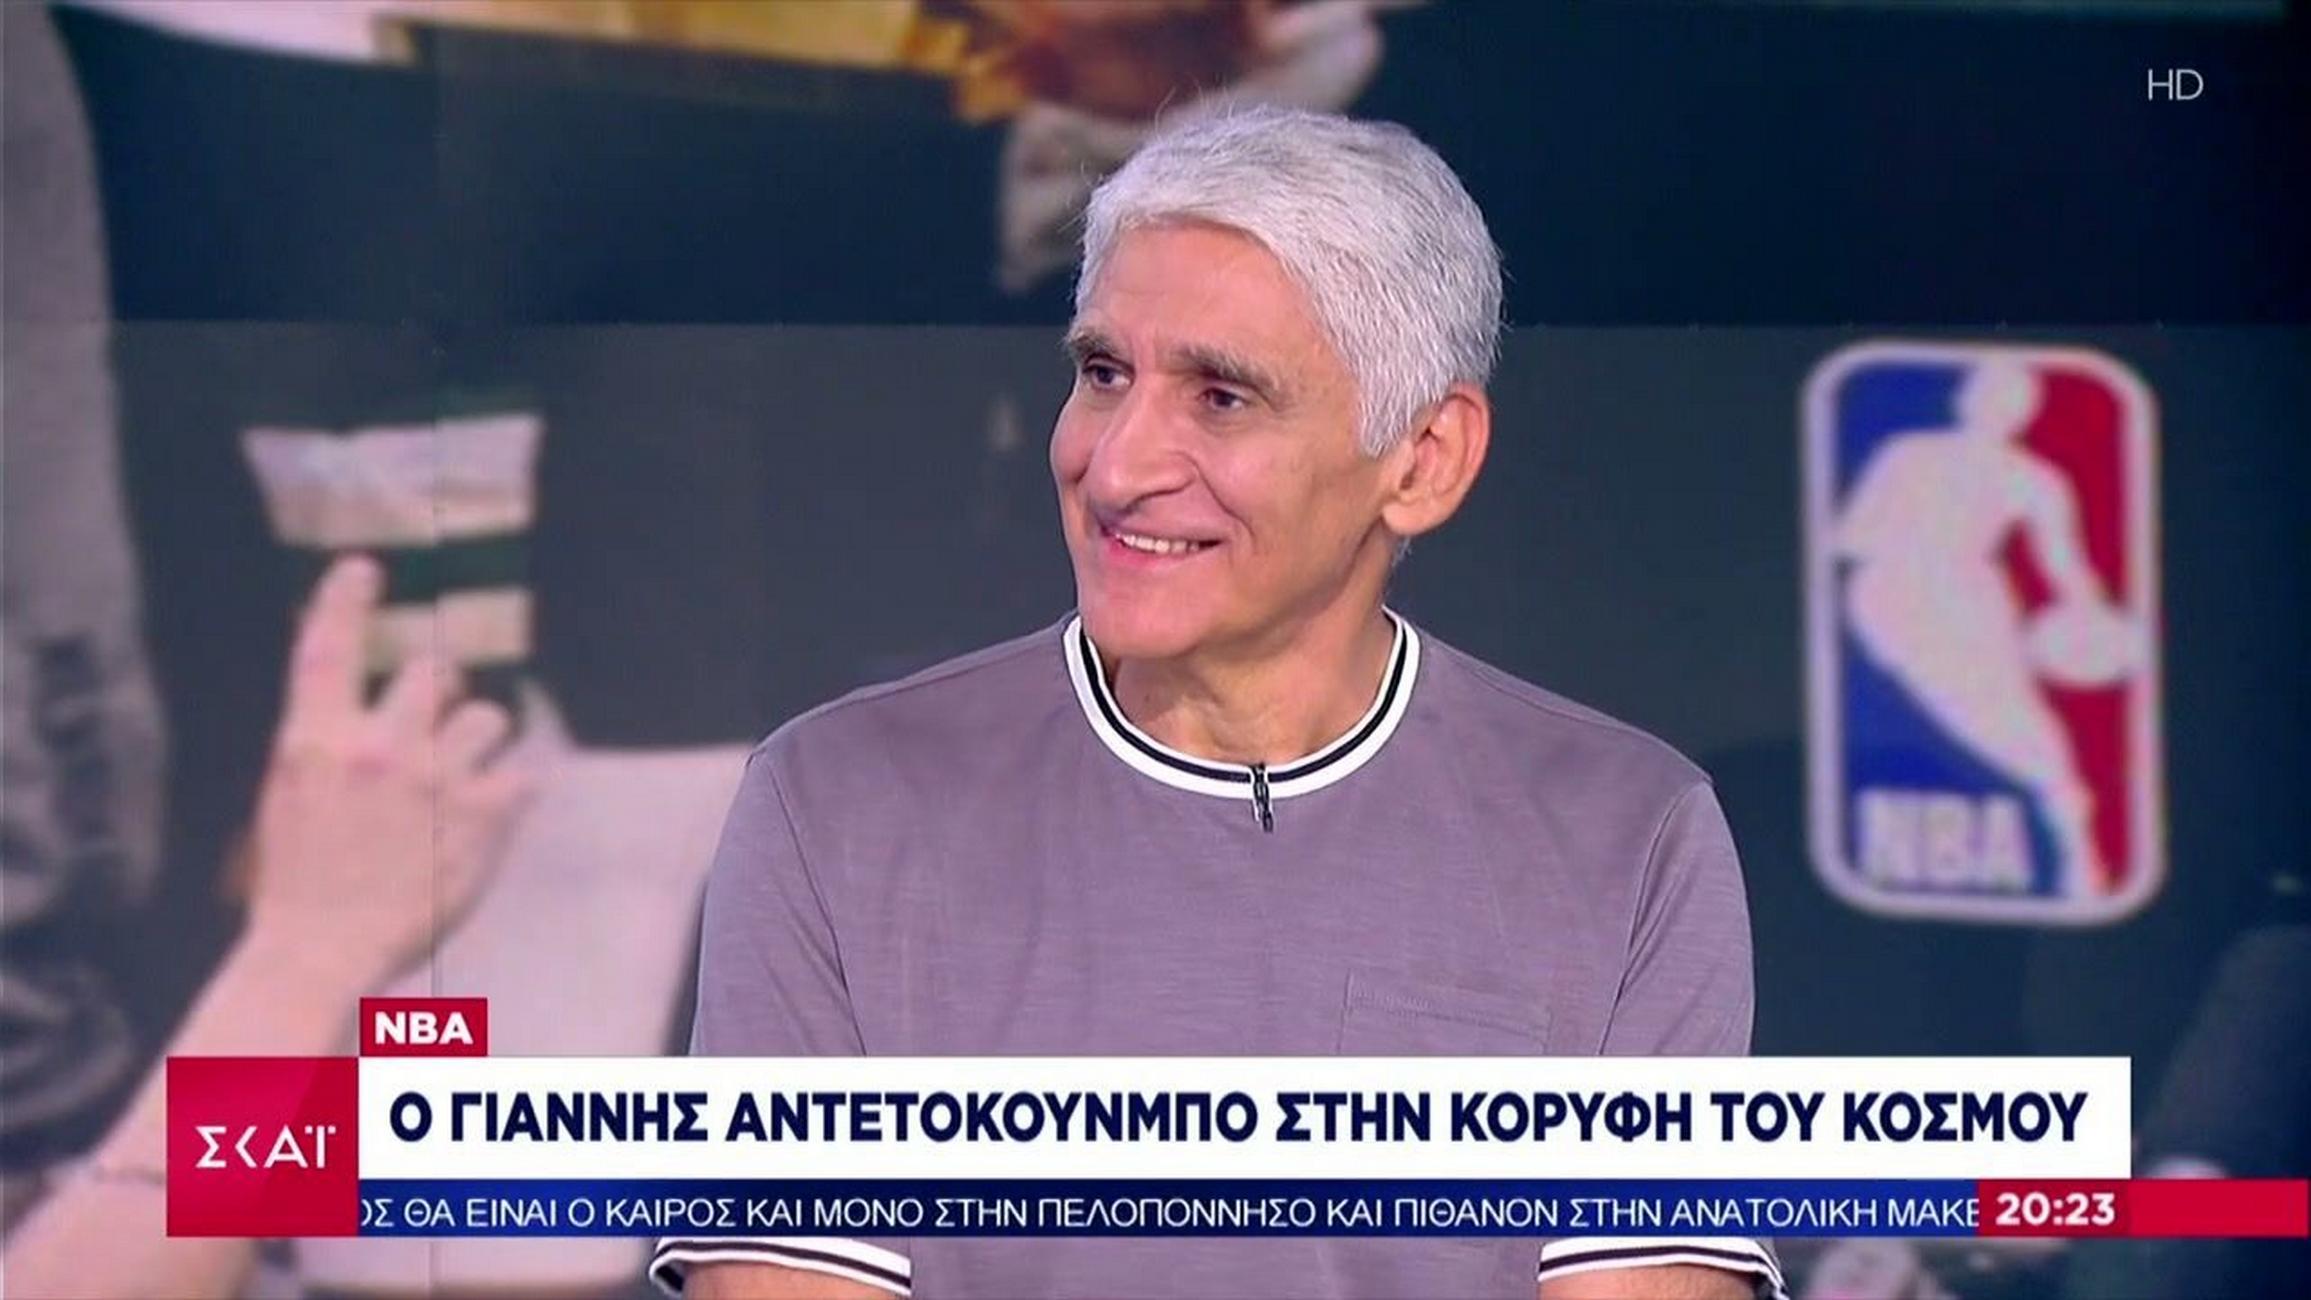 Παναγιώτης Γιαννάκης για Αντετοκούνμπο: «Ήταν κυρίαρχος κι έχει φέρει άλλη αύρα στο παγκόσμιο μπάσκετ»